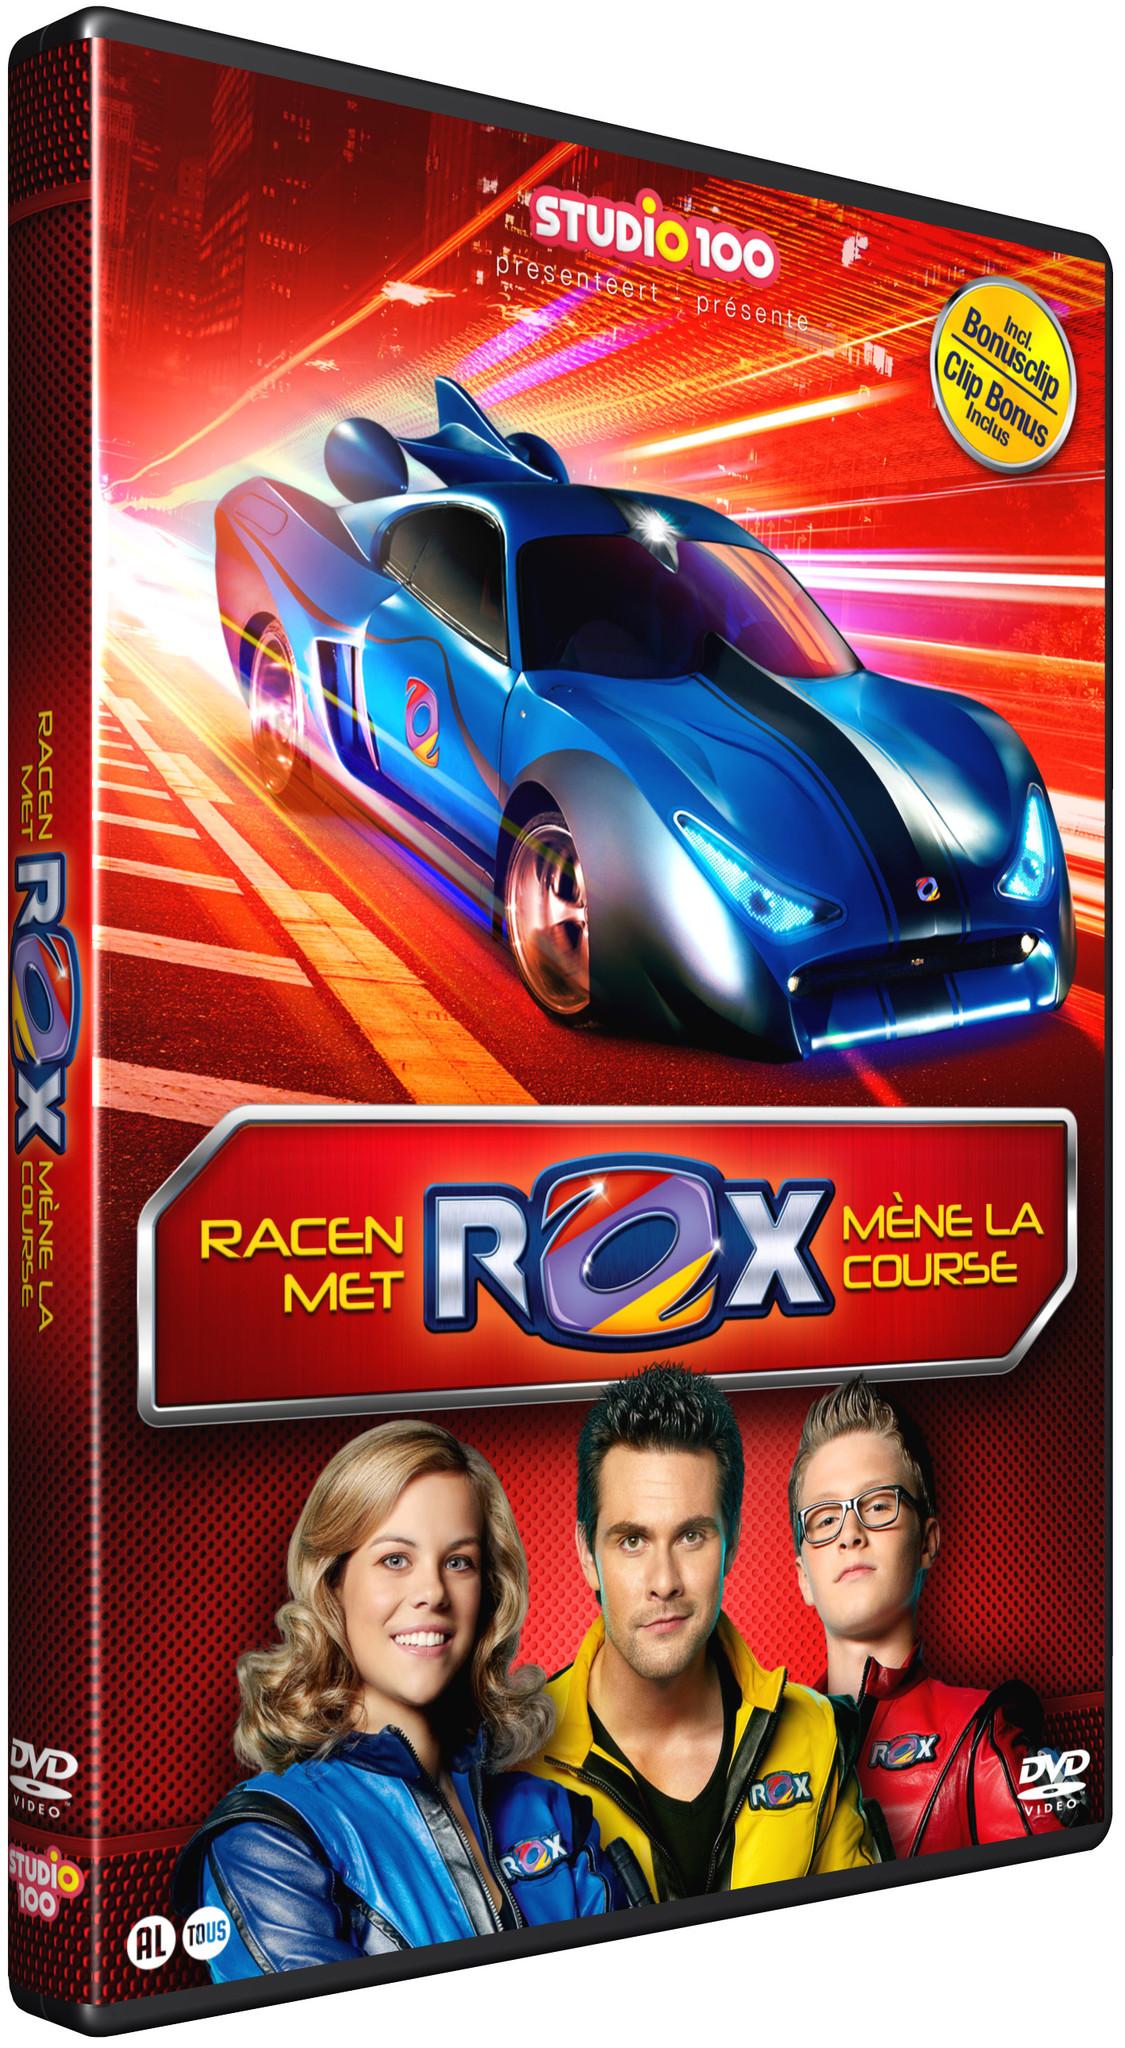 ROX DVD - Rox Mène la Course